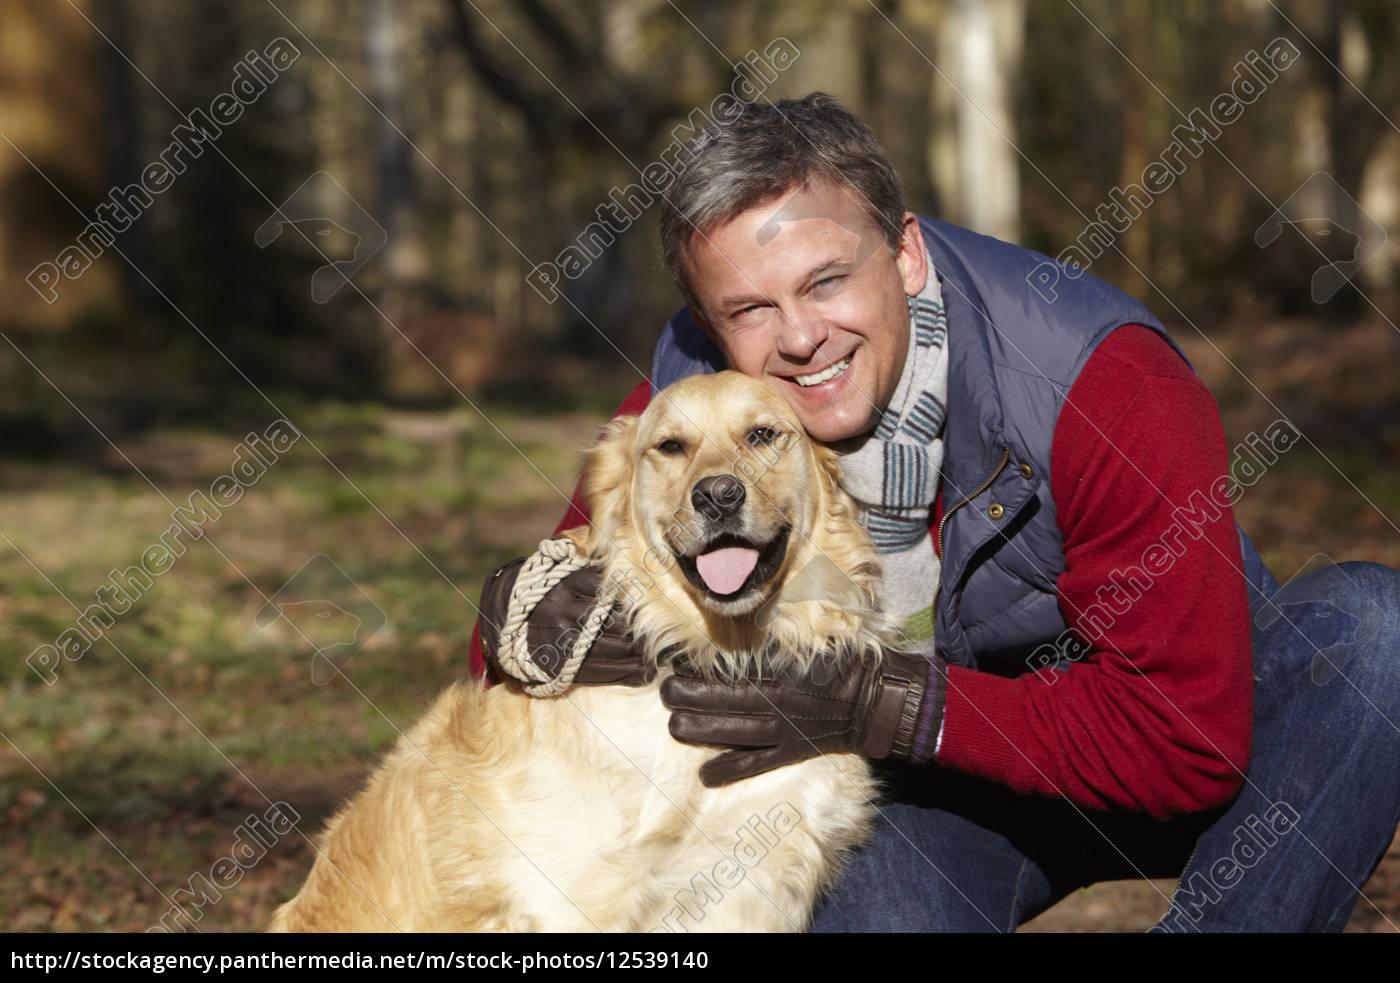 walk, walking, dog, pet, animal, exercise - 12539140